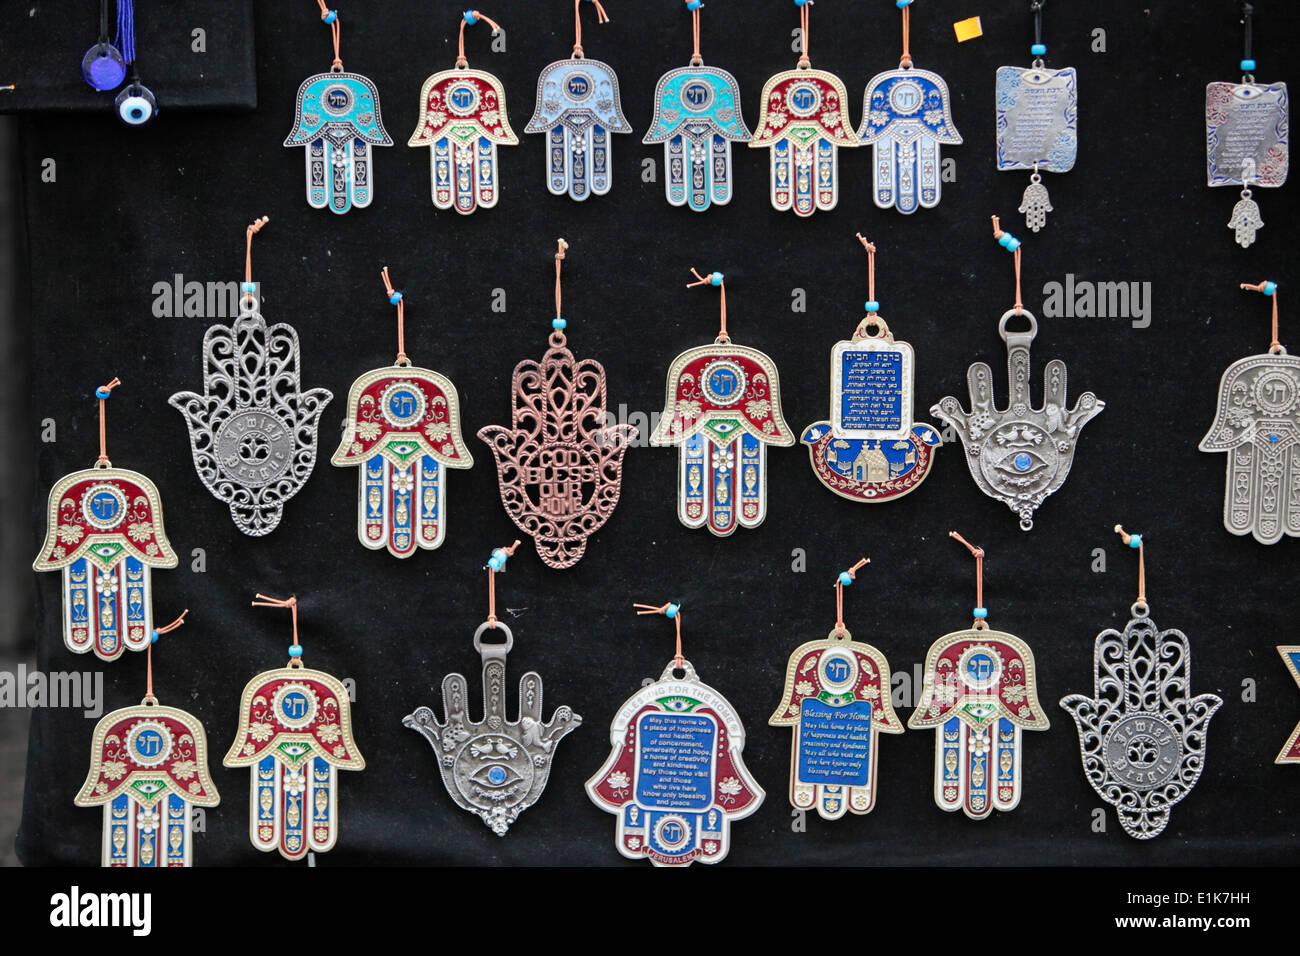 L'hamesh main ou main hamsa est un motif populaire de bijoux juifs. Banque D'Images